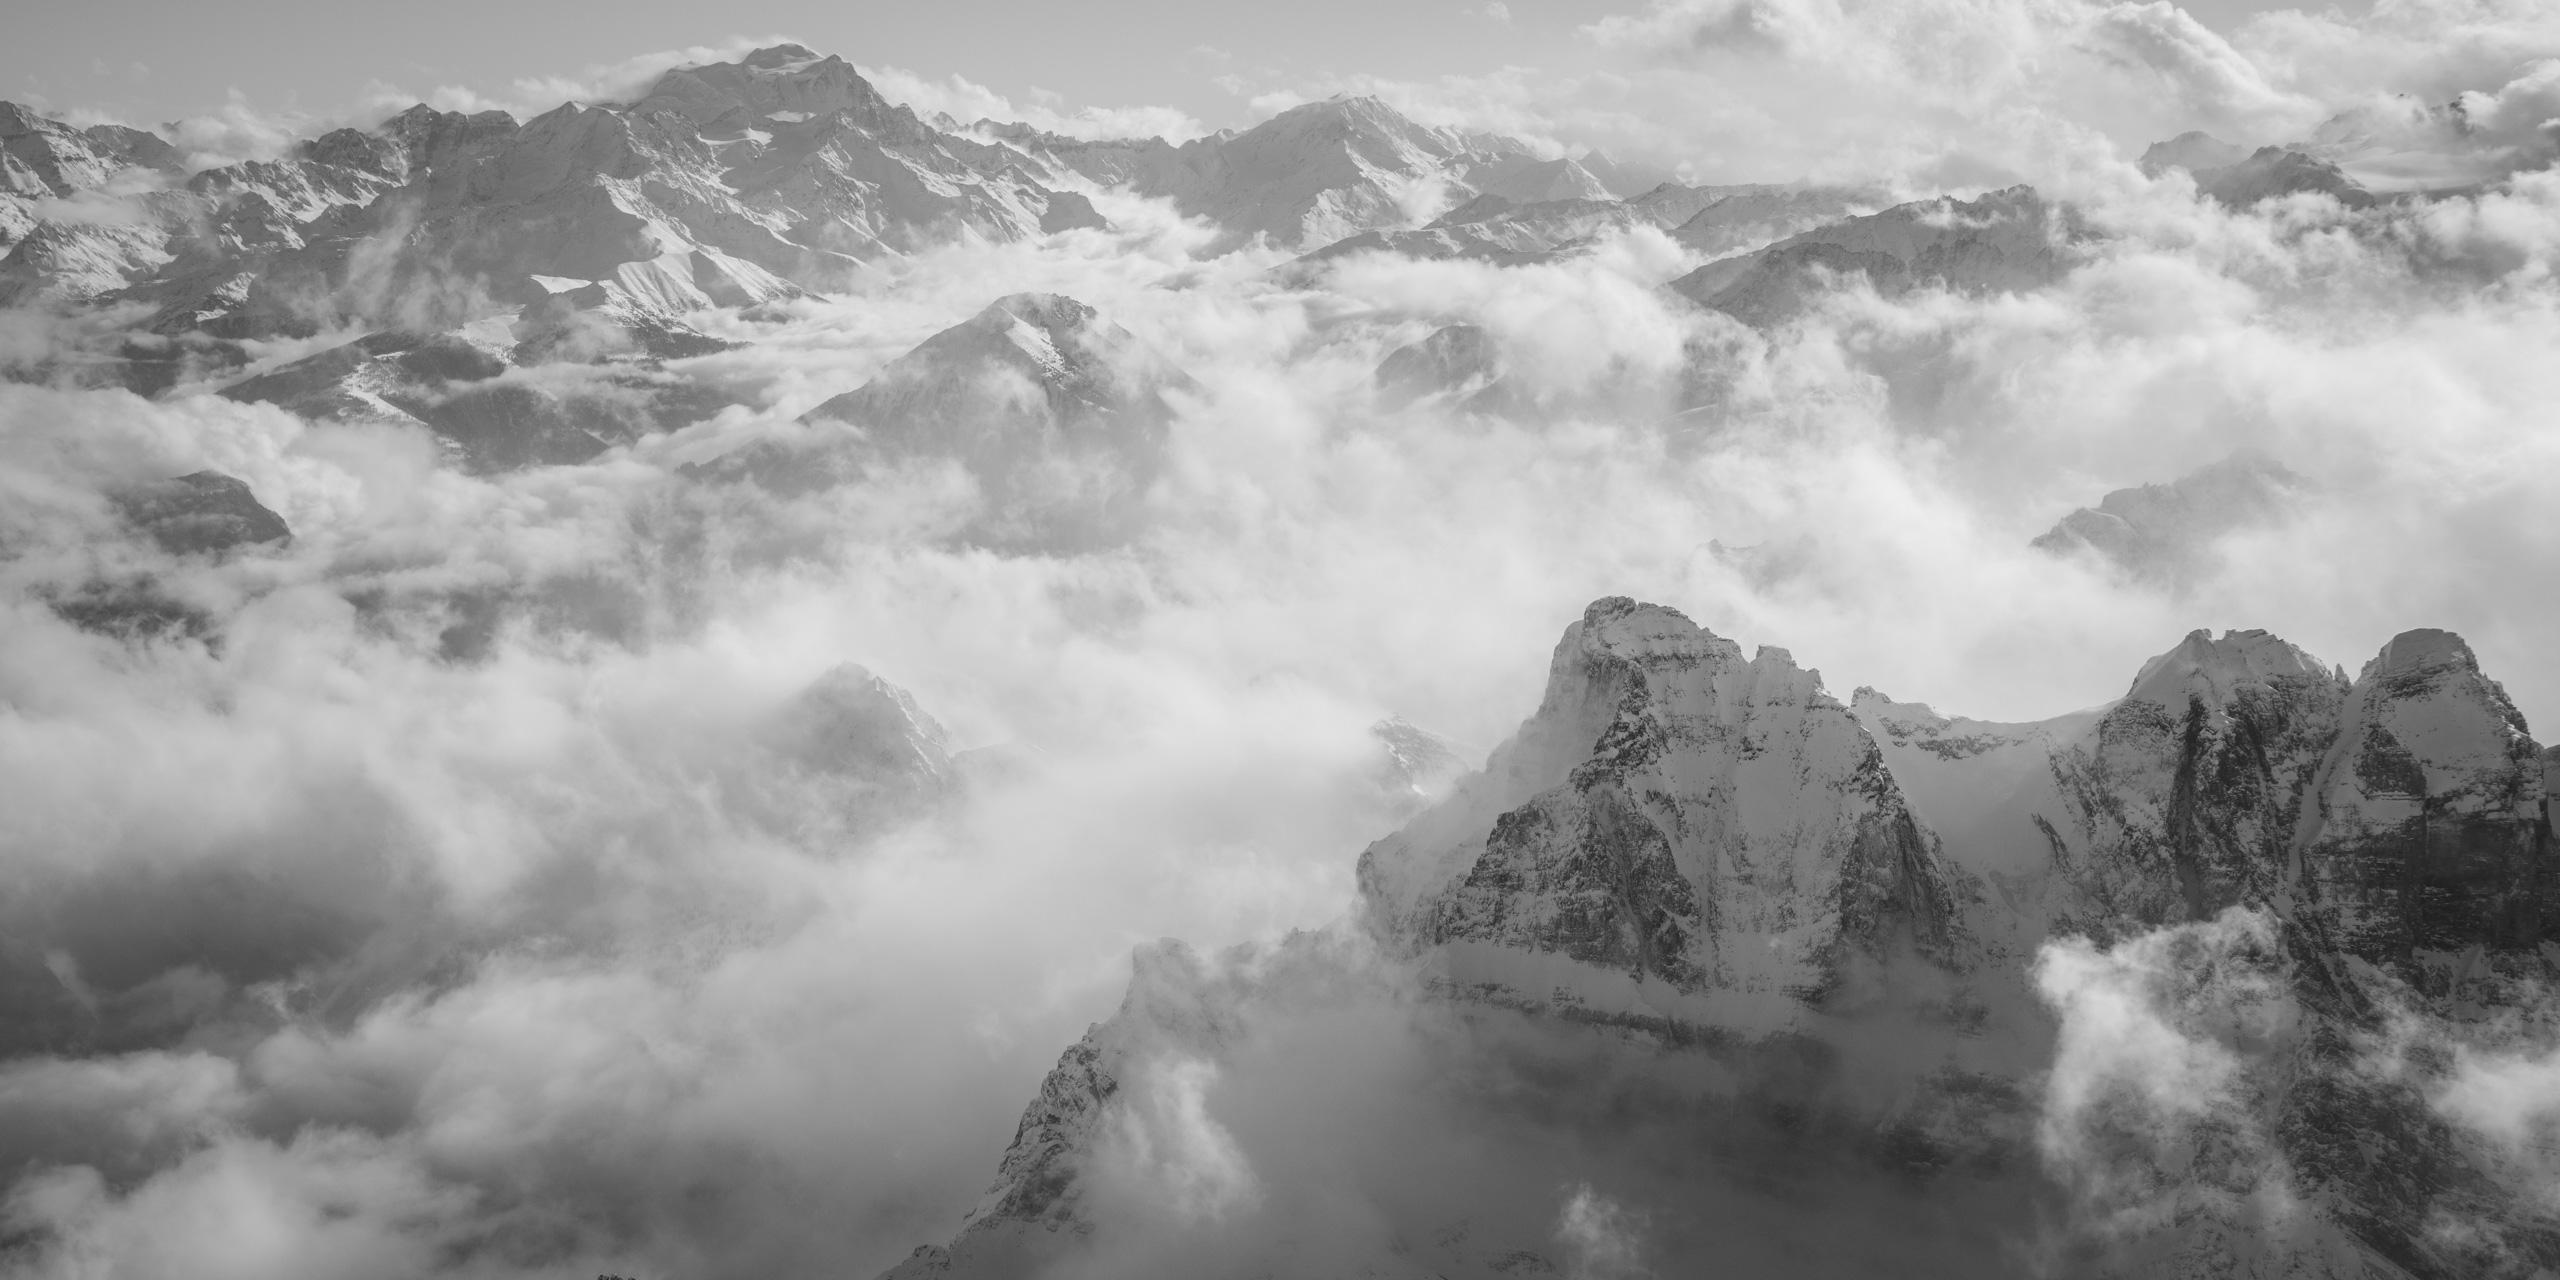 Dents du midi suisse - blanc verbier - Survol des alpes en hélicoptère